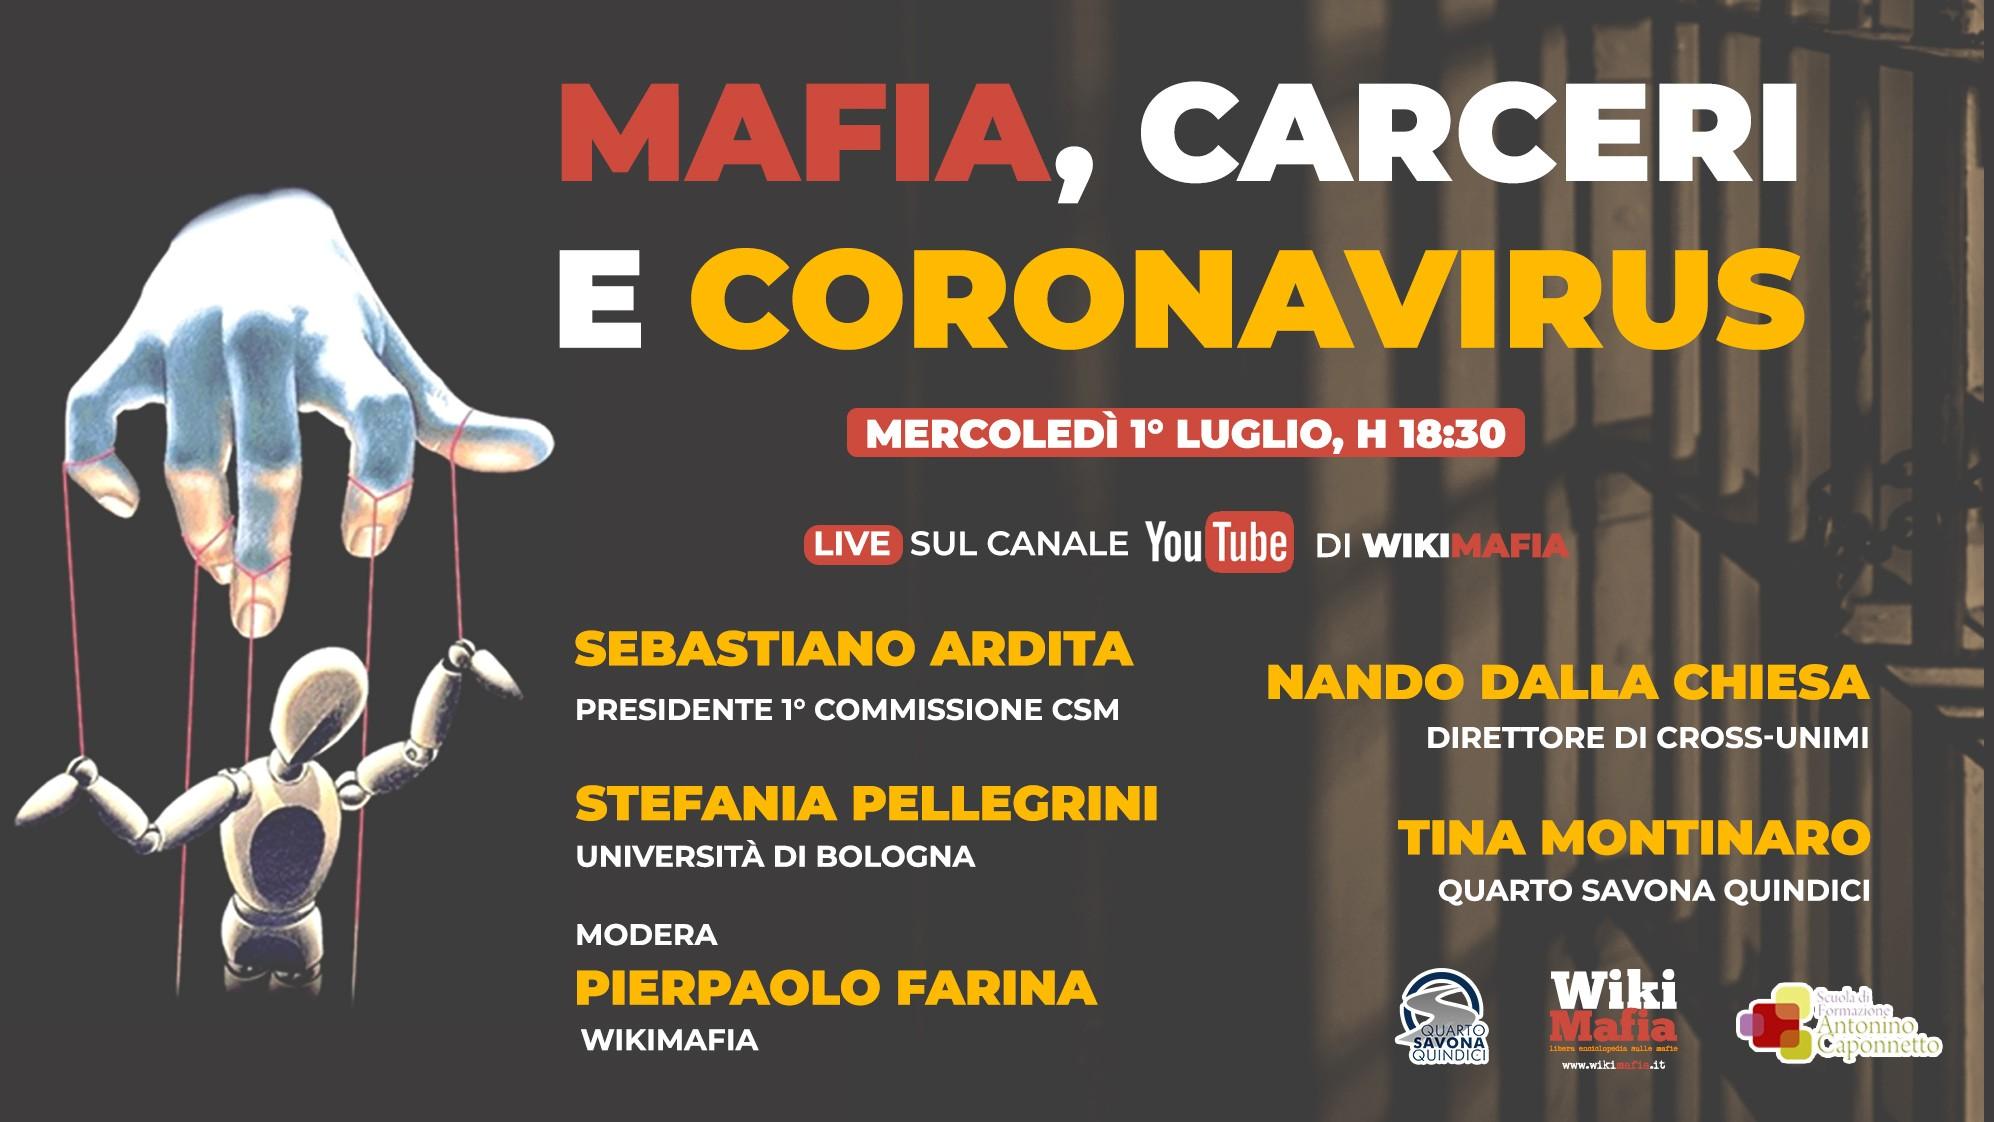 Mafia carceri coronavirus